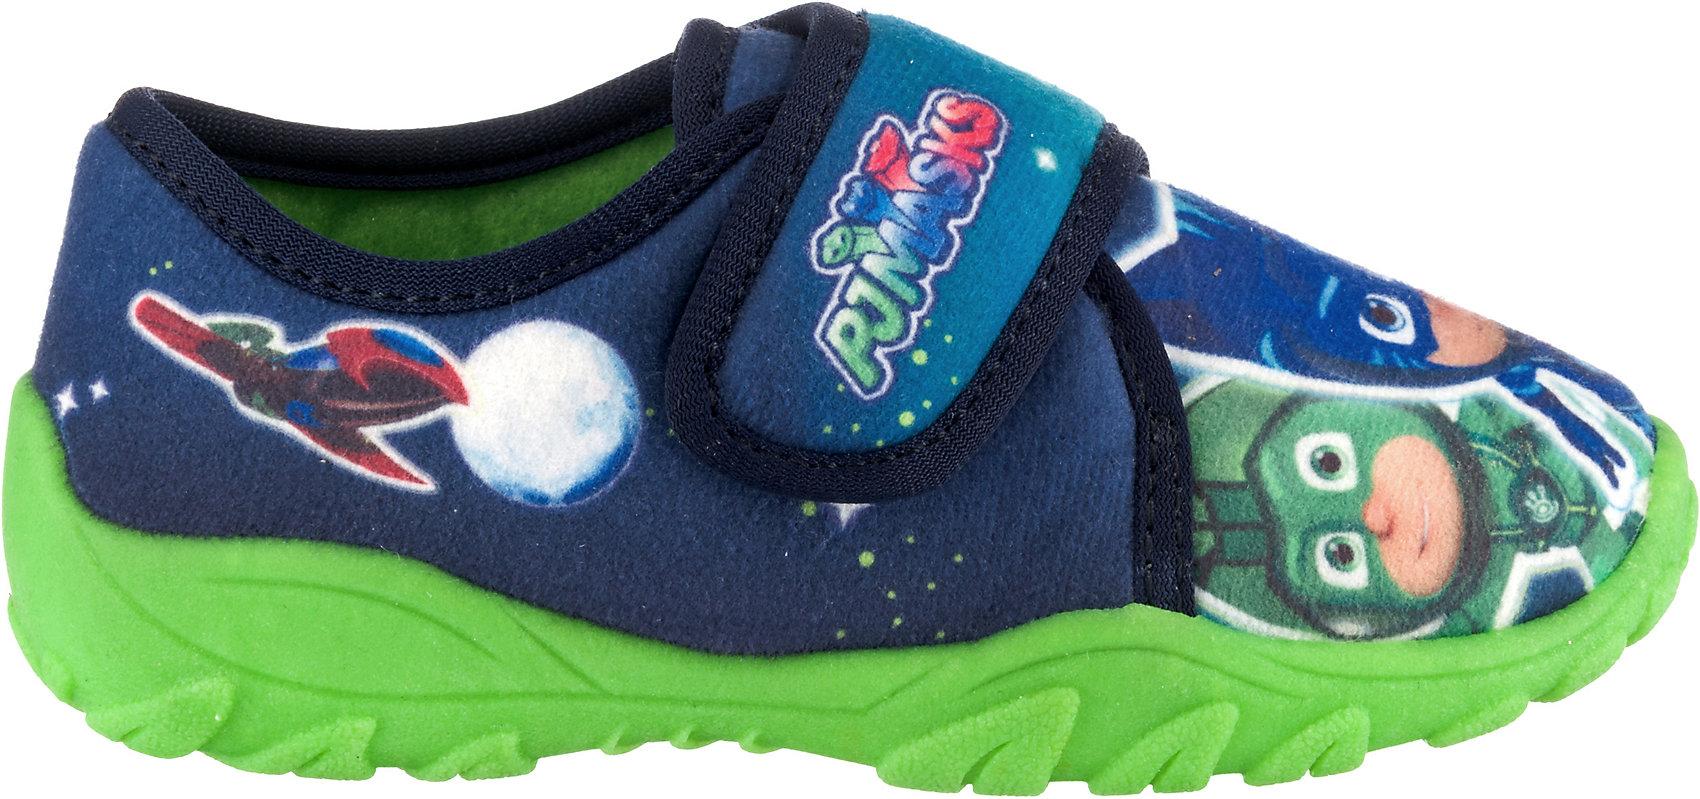 Neu Baby PJ Masks Hausschuhe für Jungen 11441016 für Jungen blau